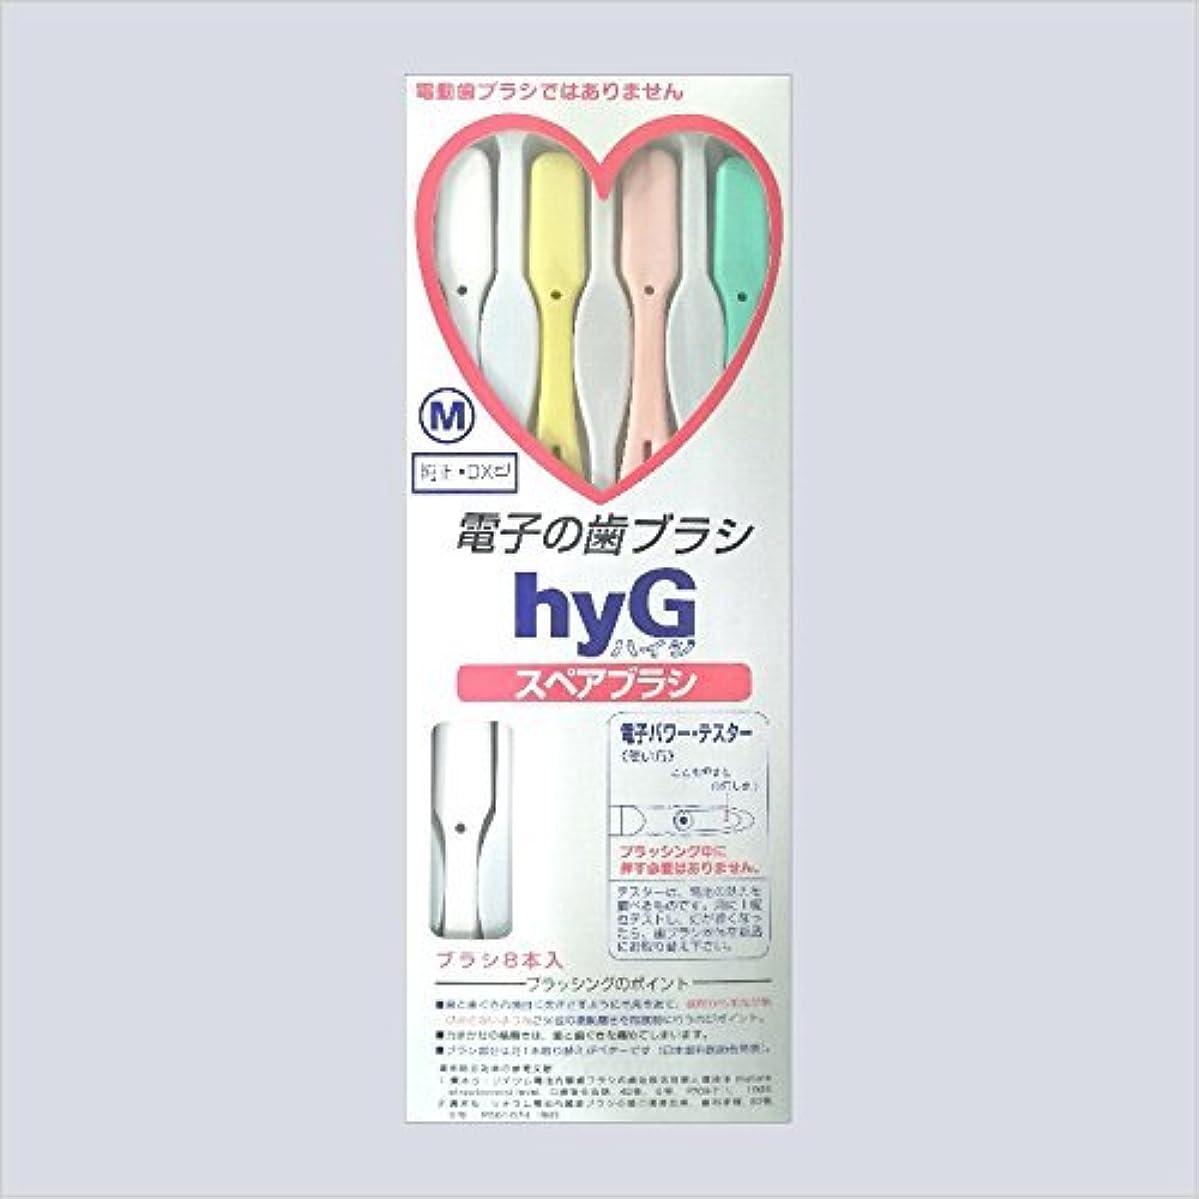 これらダイヤモンドオリエンタル電子の歯ブラシ ハイジ(hyG)?スペアブラシ <ブラシの硬さ:Hかため> (※こちらは「スペアブラシ」です )?hyG-DX型